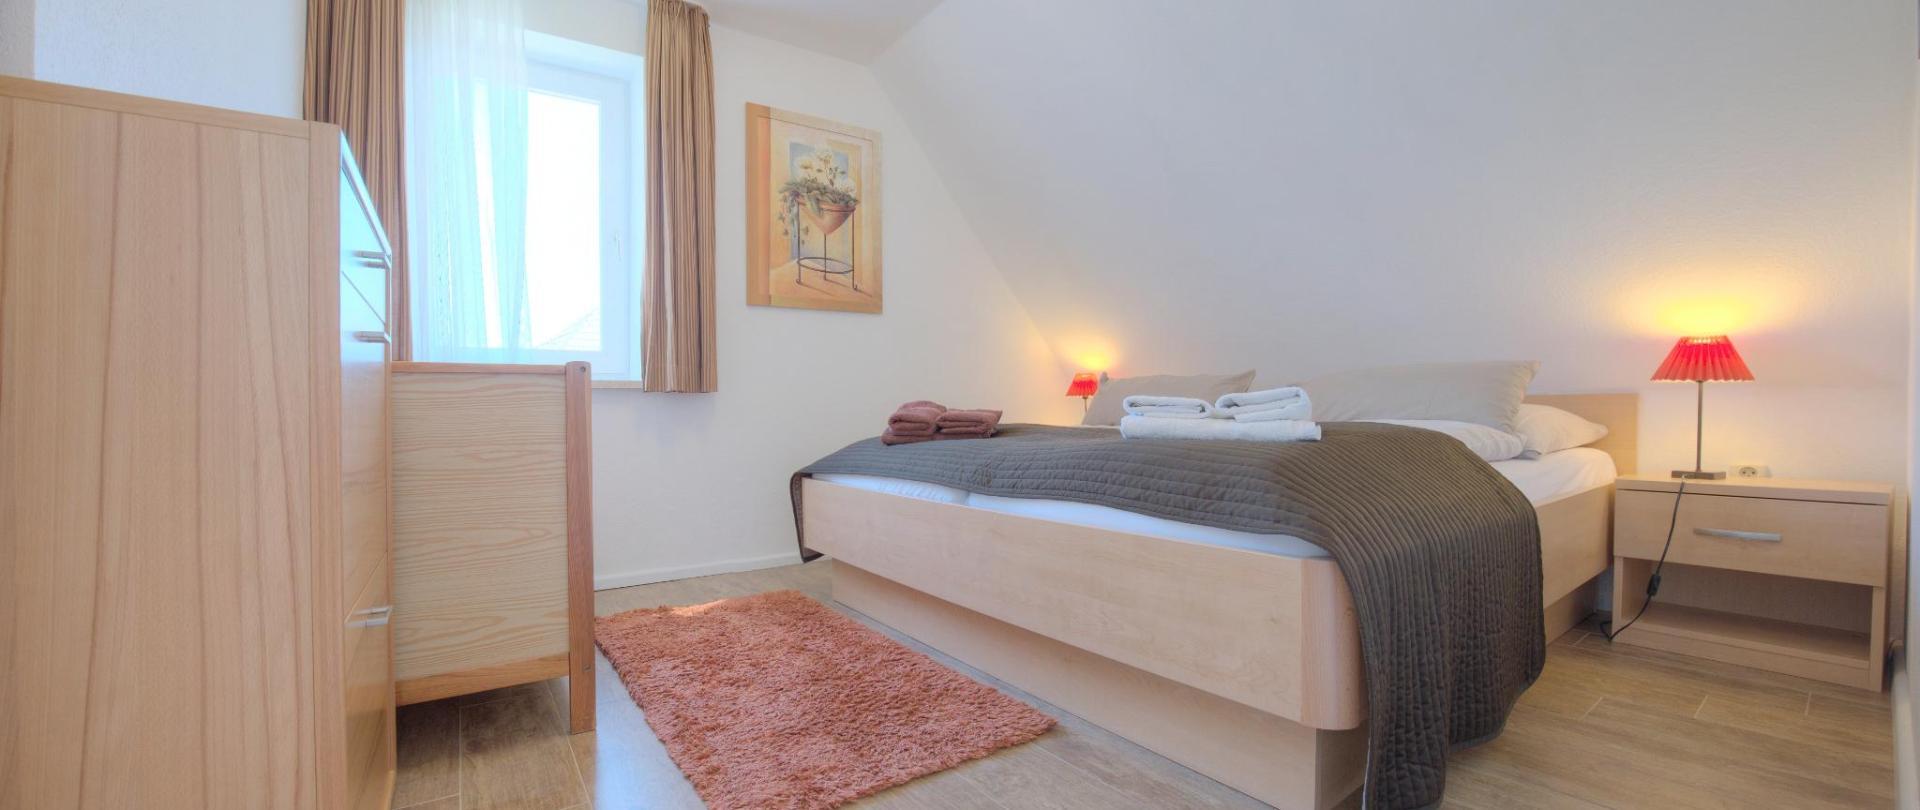 OG Schlafzimmer rechts Kinderbett.jpg